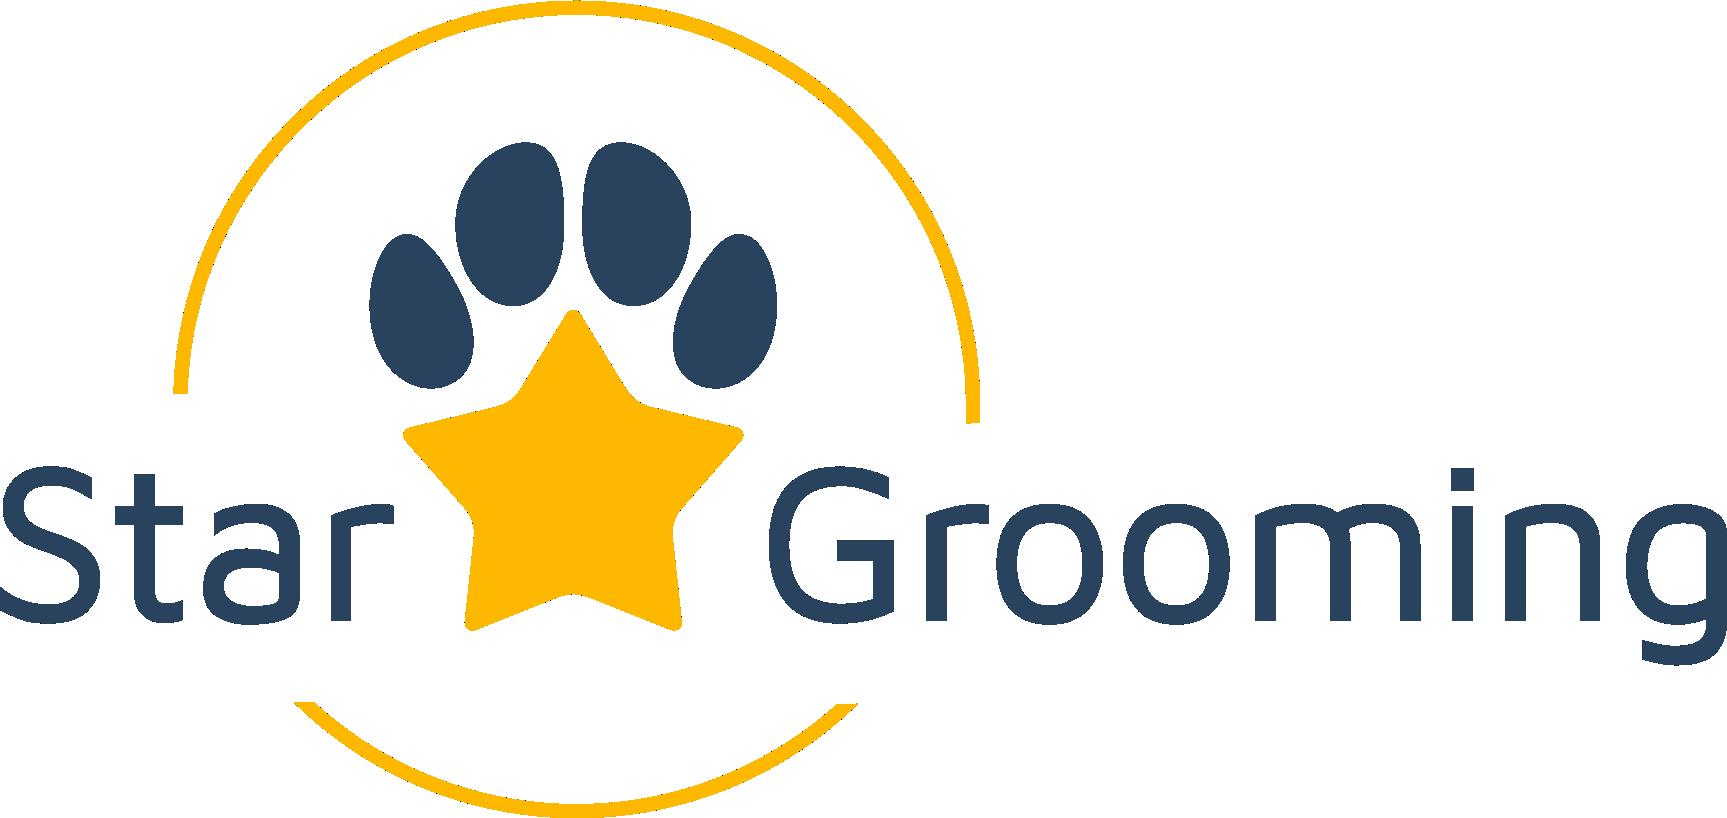 Star Grooming